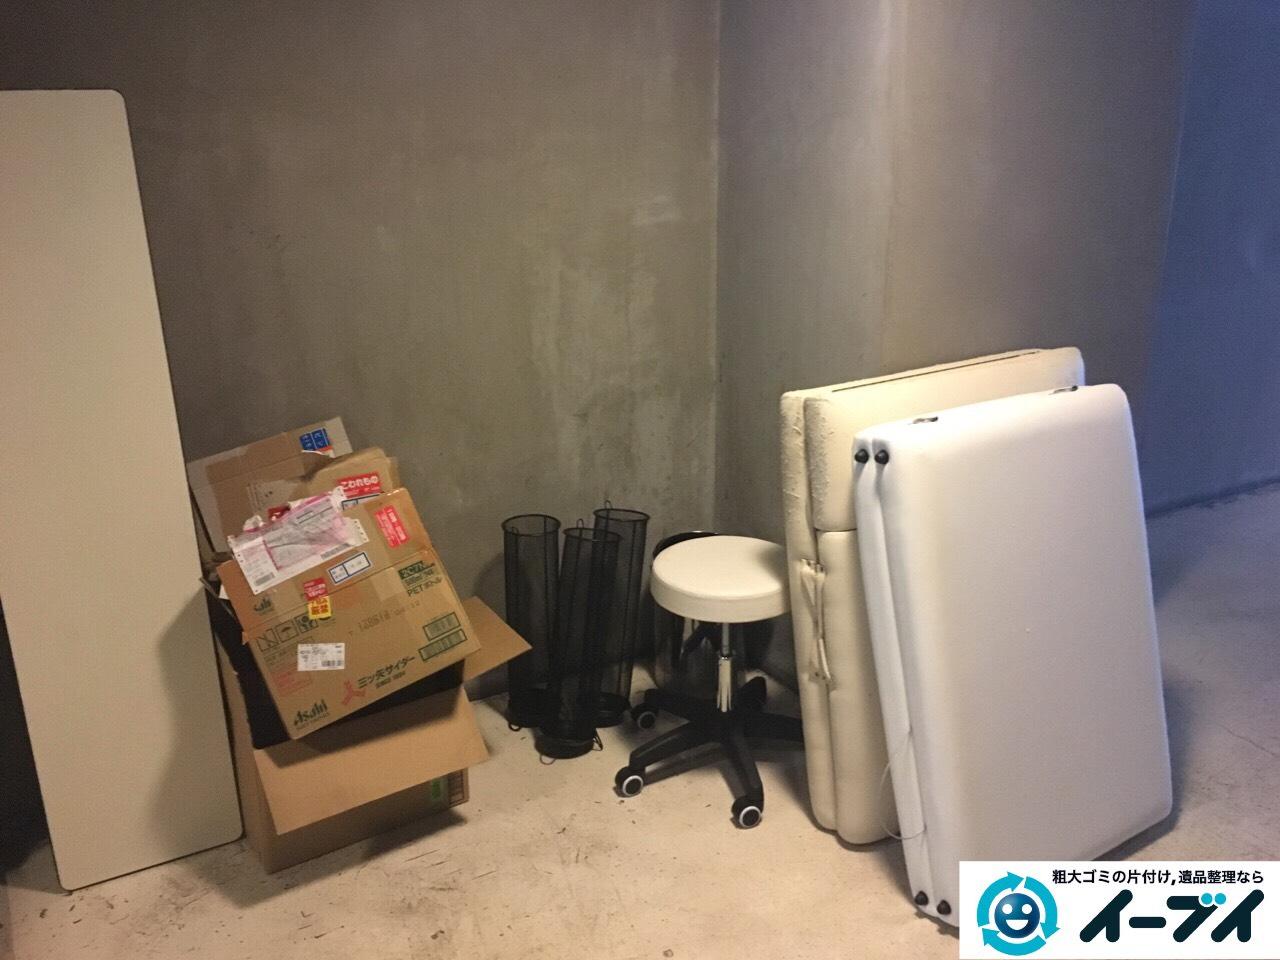 10月11日 大阪府大阪市北区でエステベットやホワイトボードや段ボールゴミの粗大ゴミの不用品回収をしました。写真3